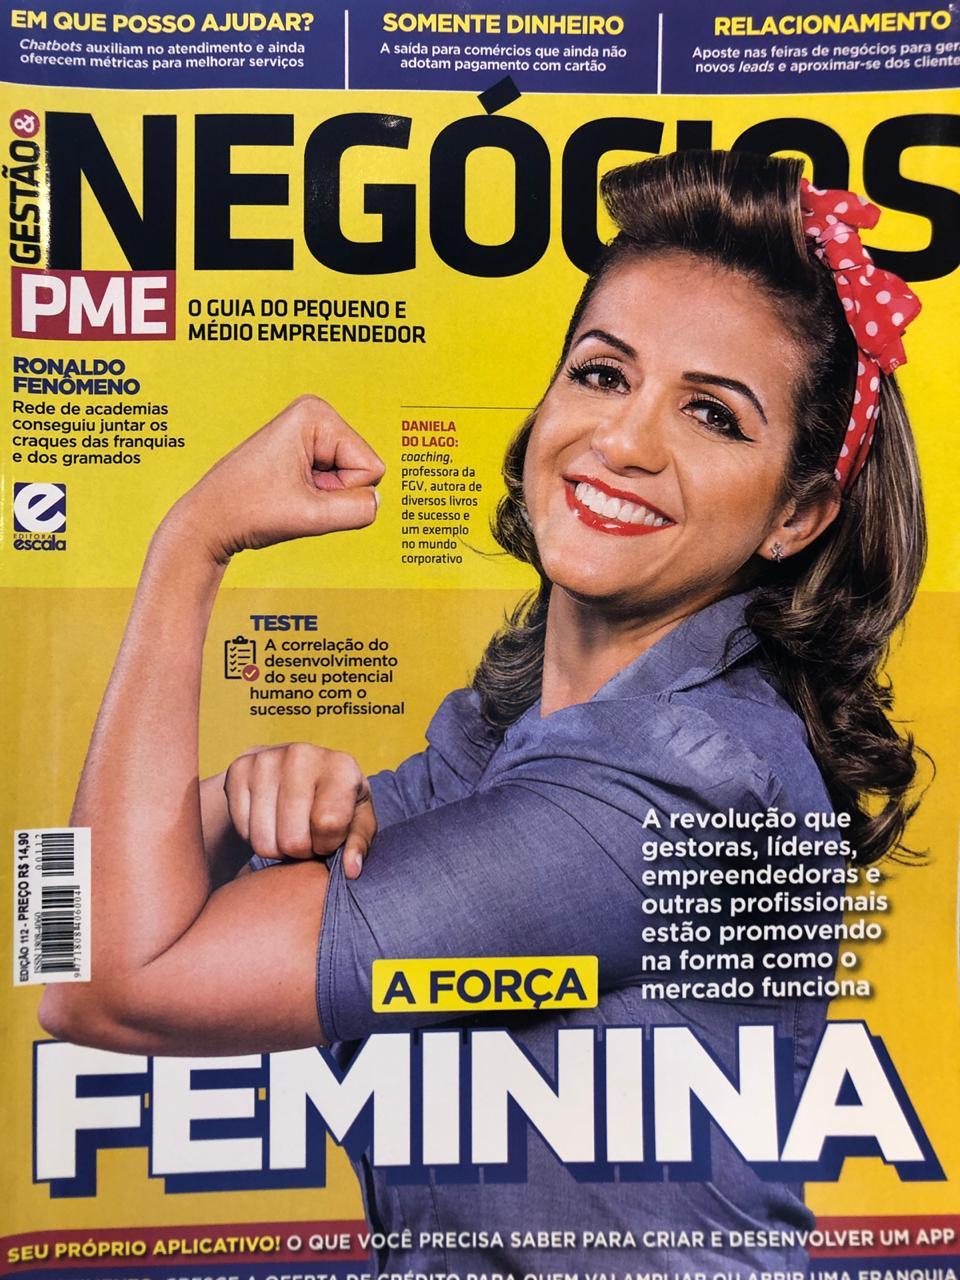 """<a href=""""https://danieladolago.com.br/wp-content/uploads/2020/05/capa-forca-feminina.jpeg"""">Download</a>"""